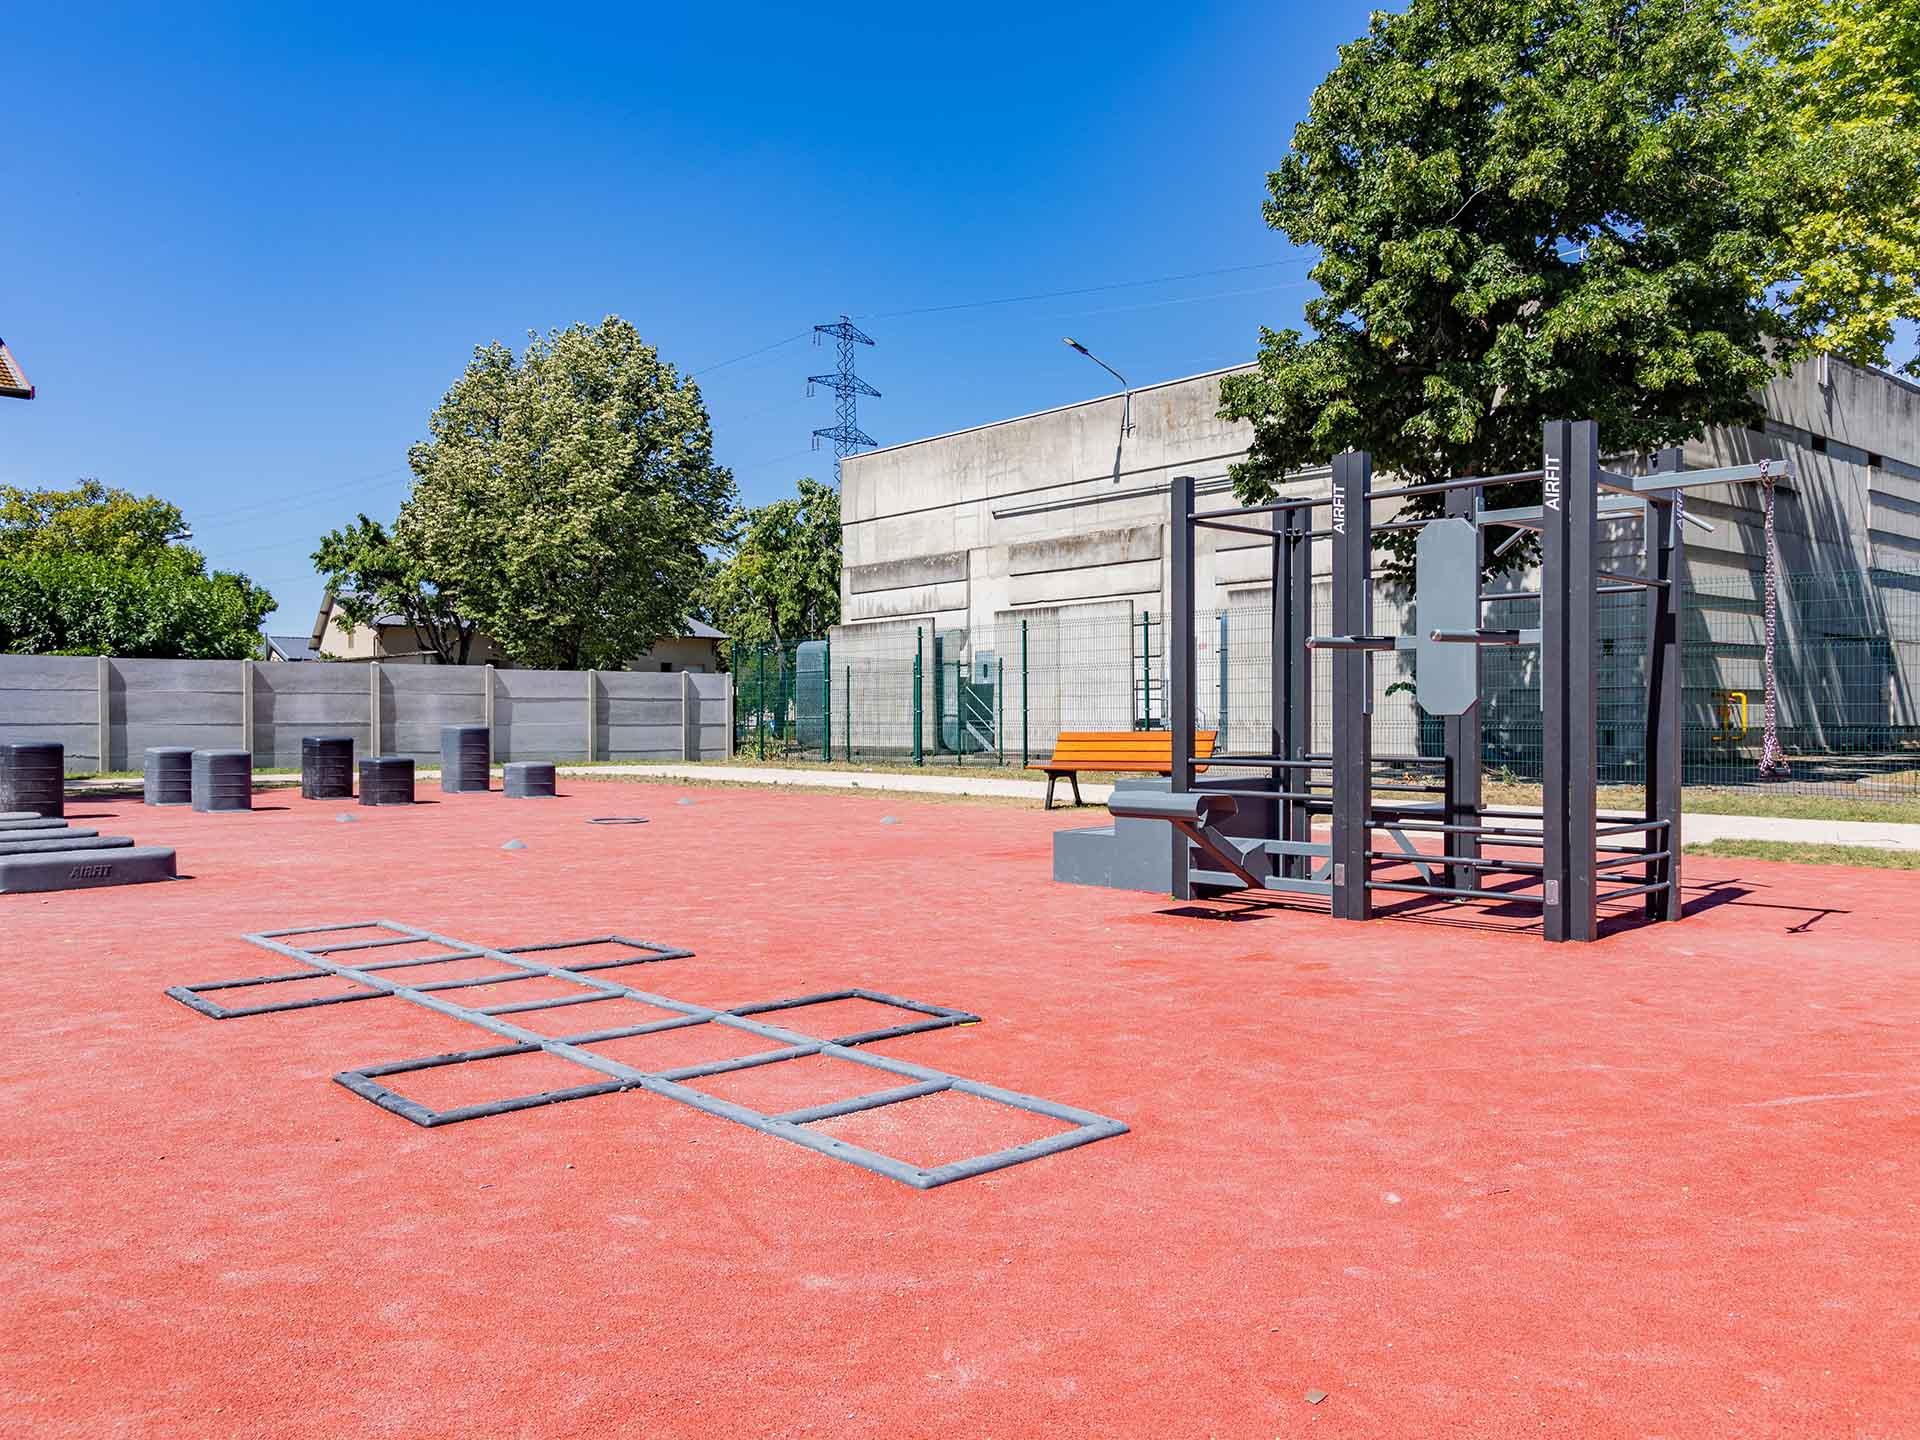 Photo de l'aire de fitness de la cité Berliet à Saint Priest avec l'échelle de rythme au 1er plan